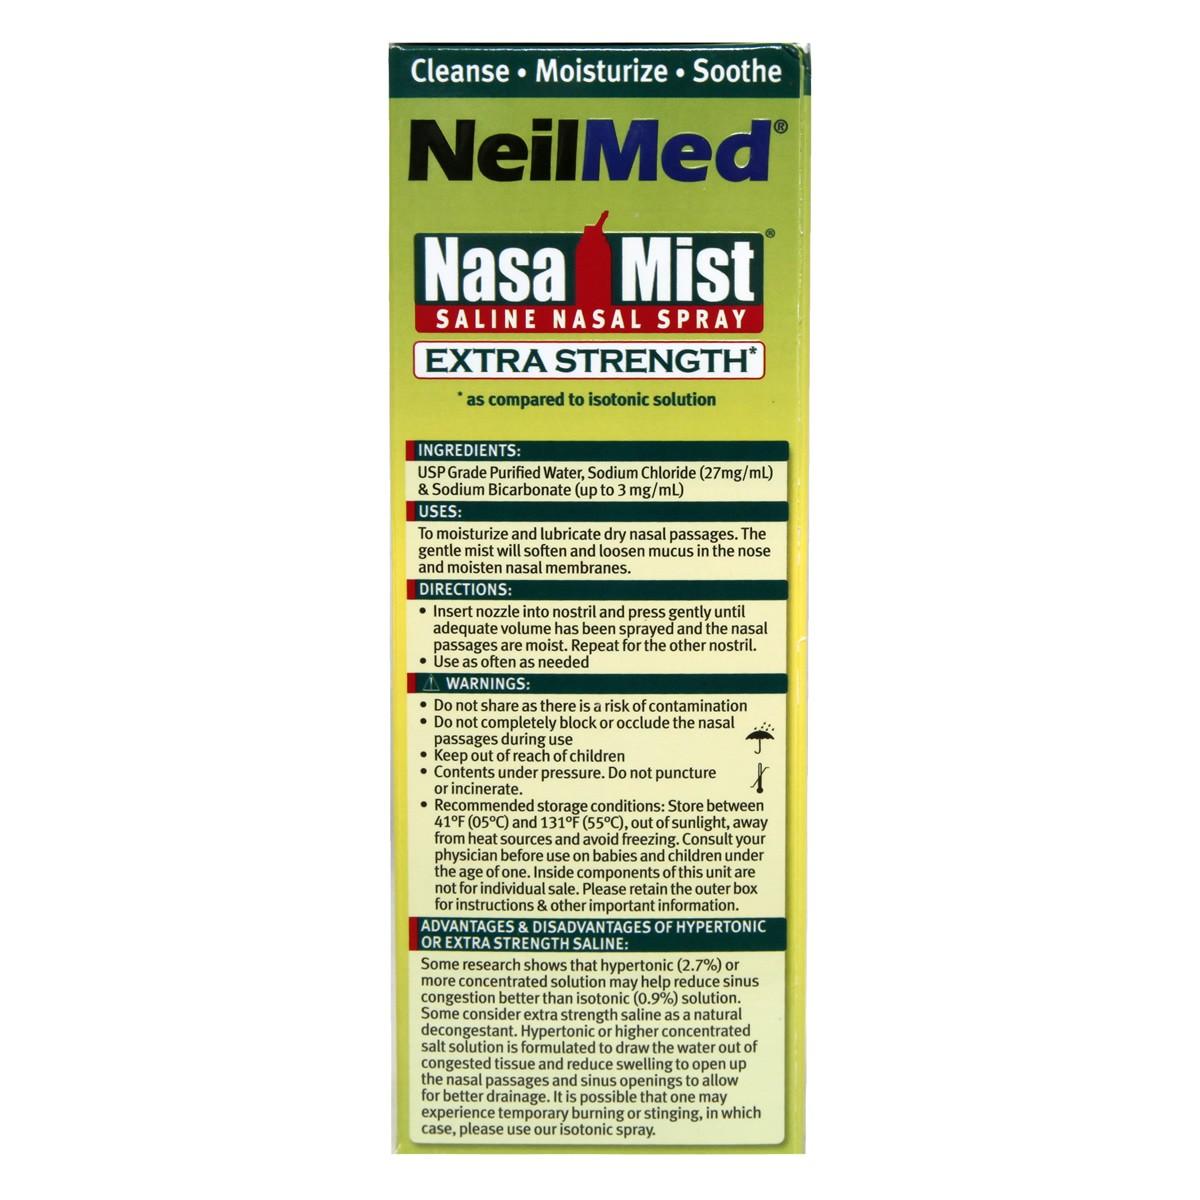 NeilMed Hypertonic NasaMist Extra Strength Saline Nasal Spray